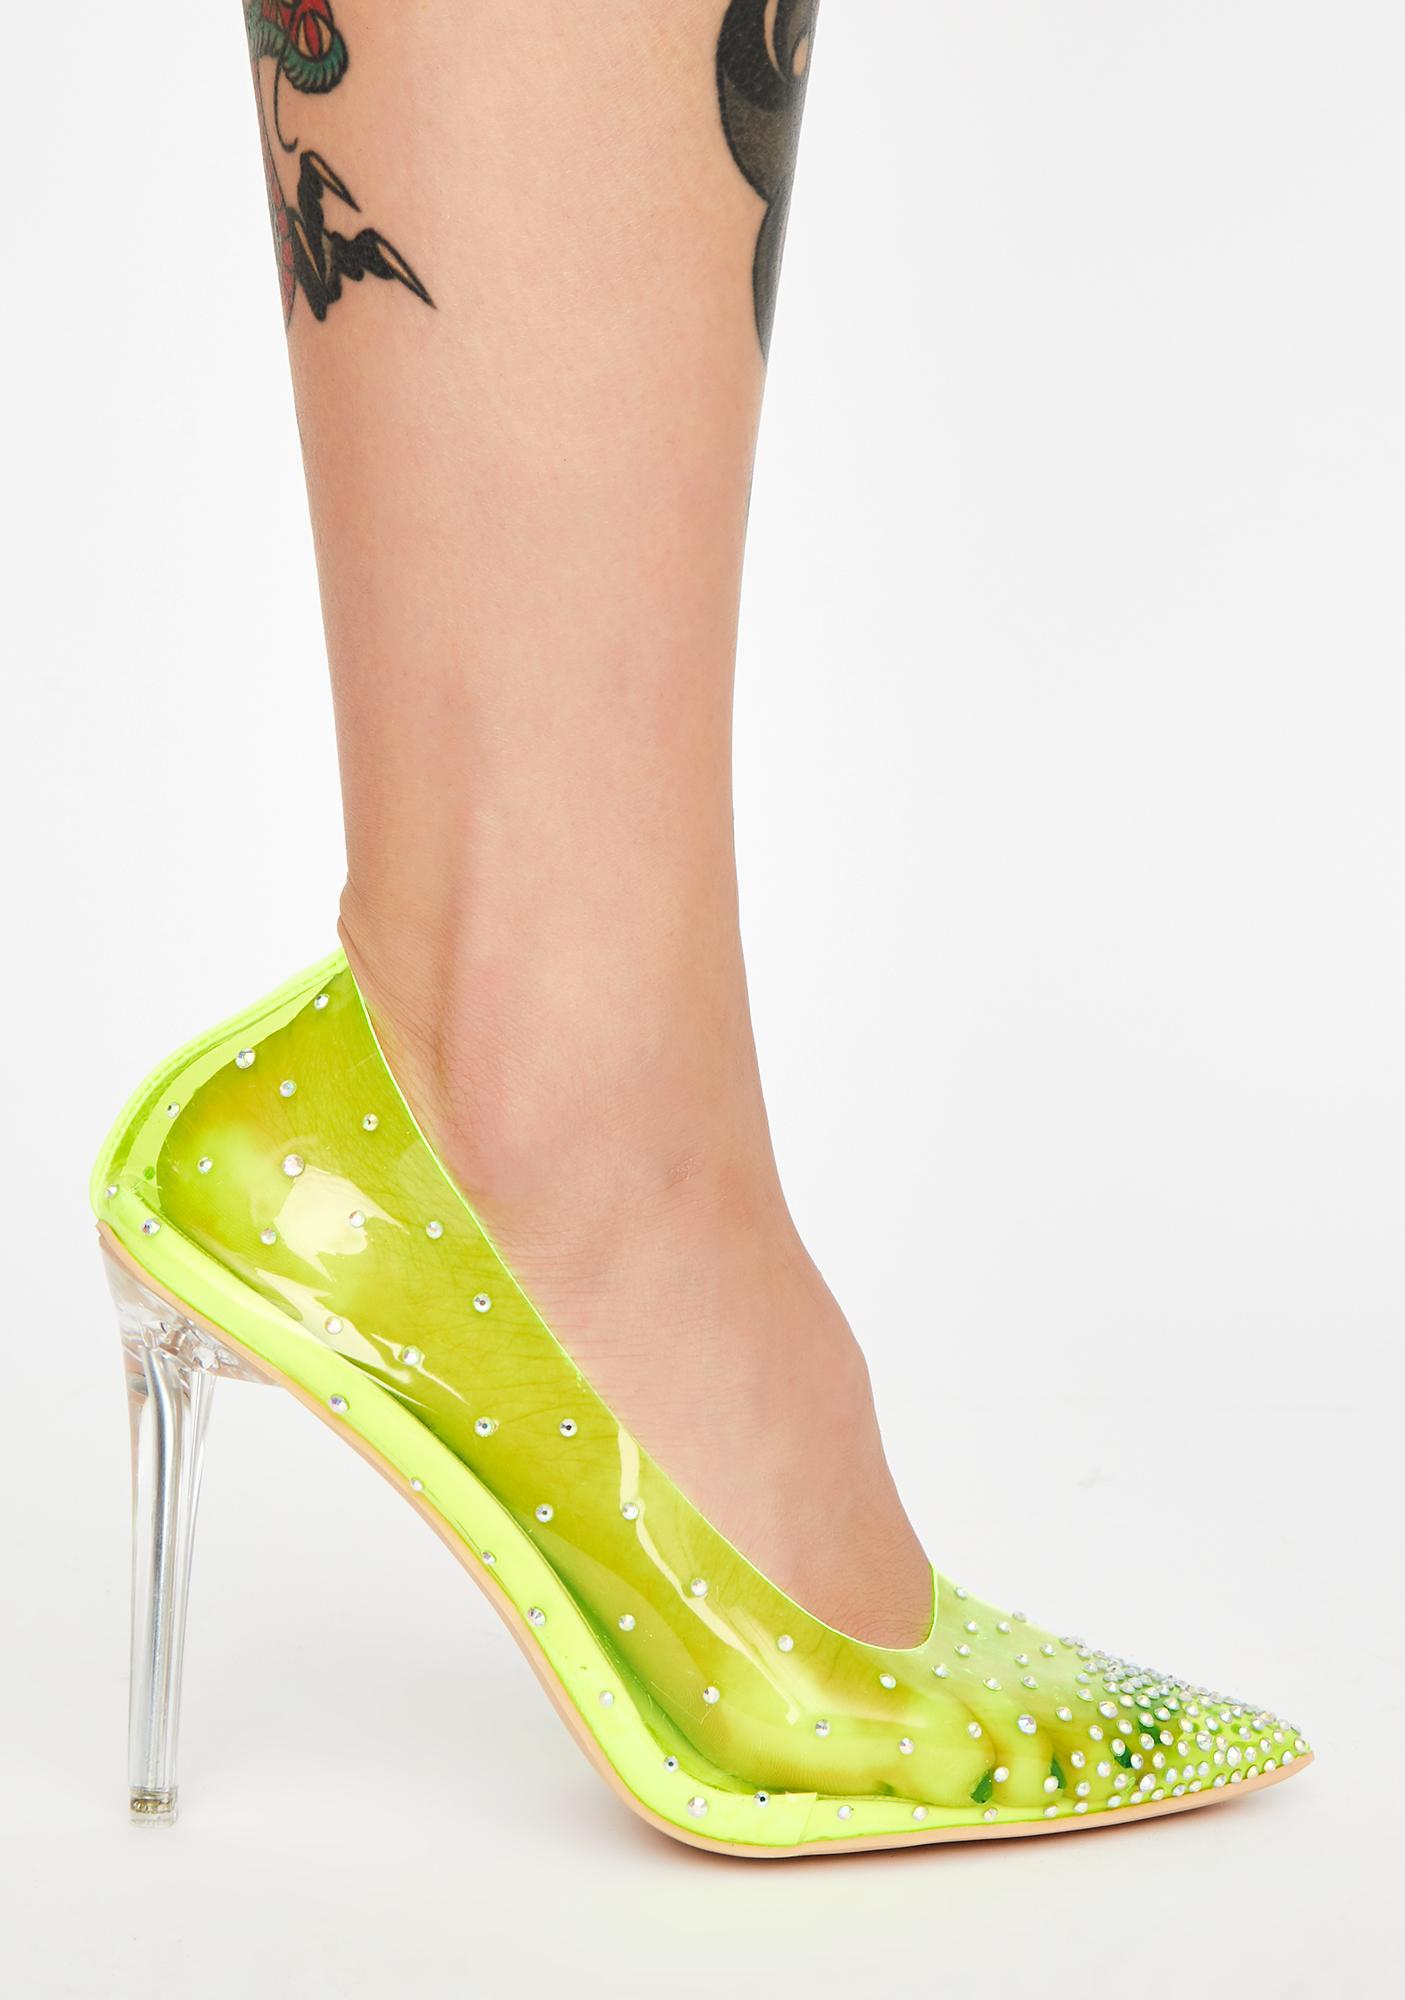 AZALEA WANG Freshly Neon Heels